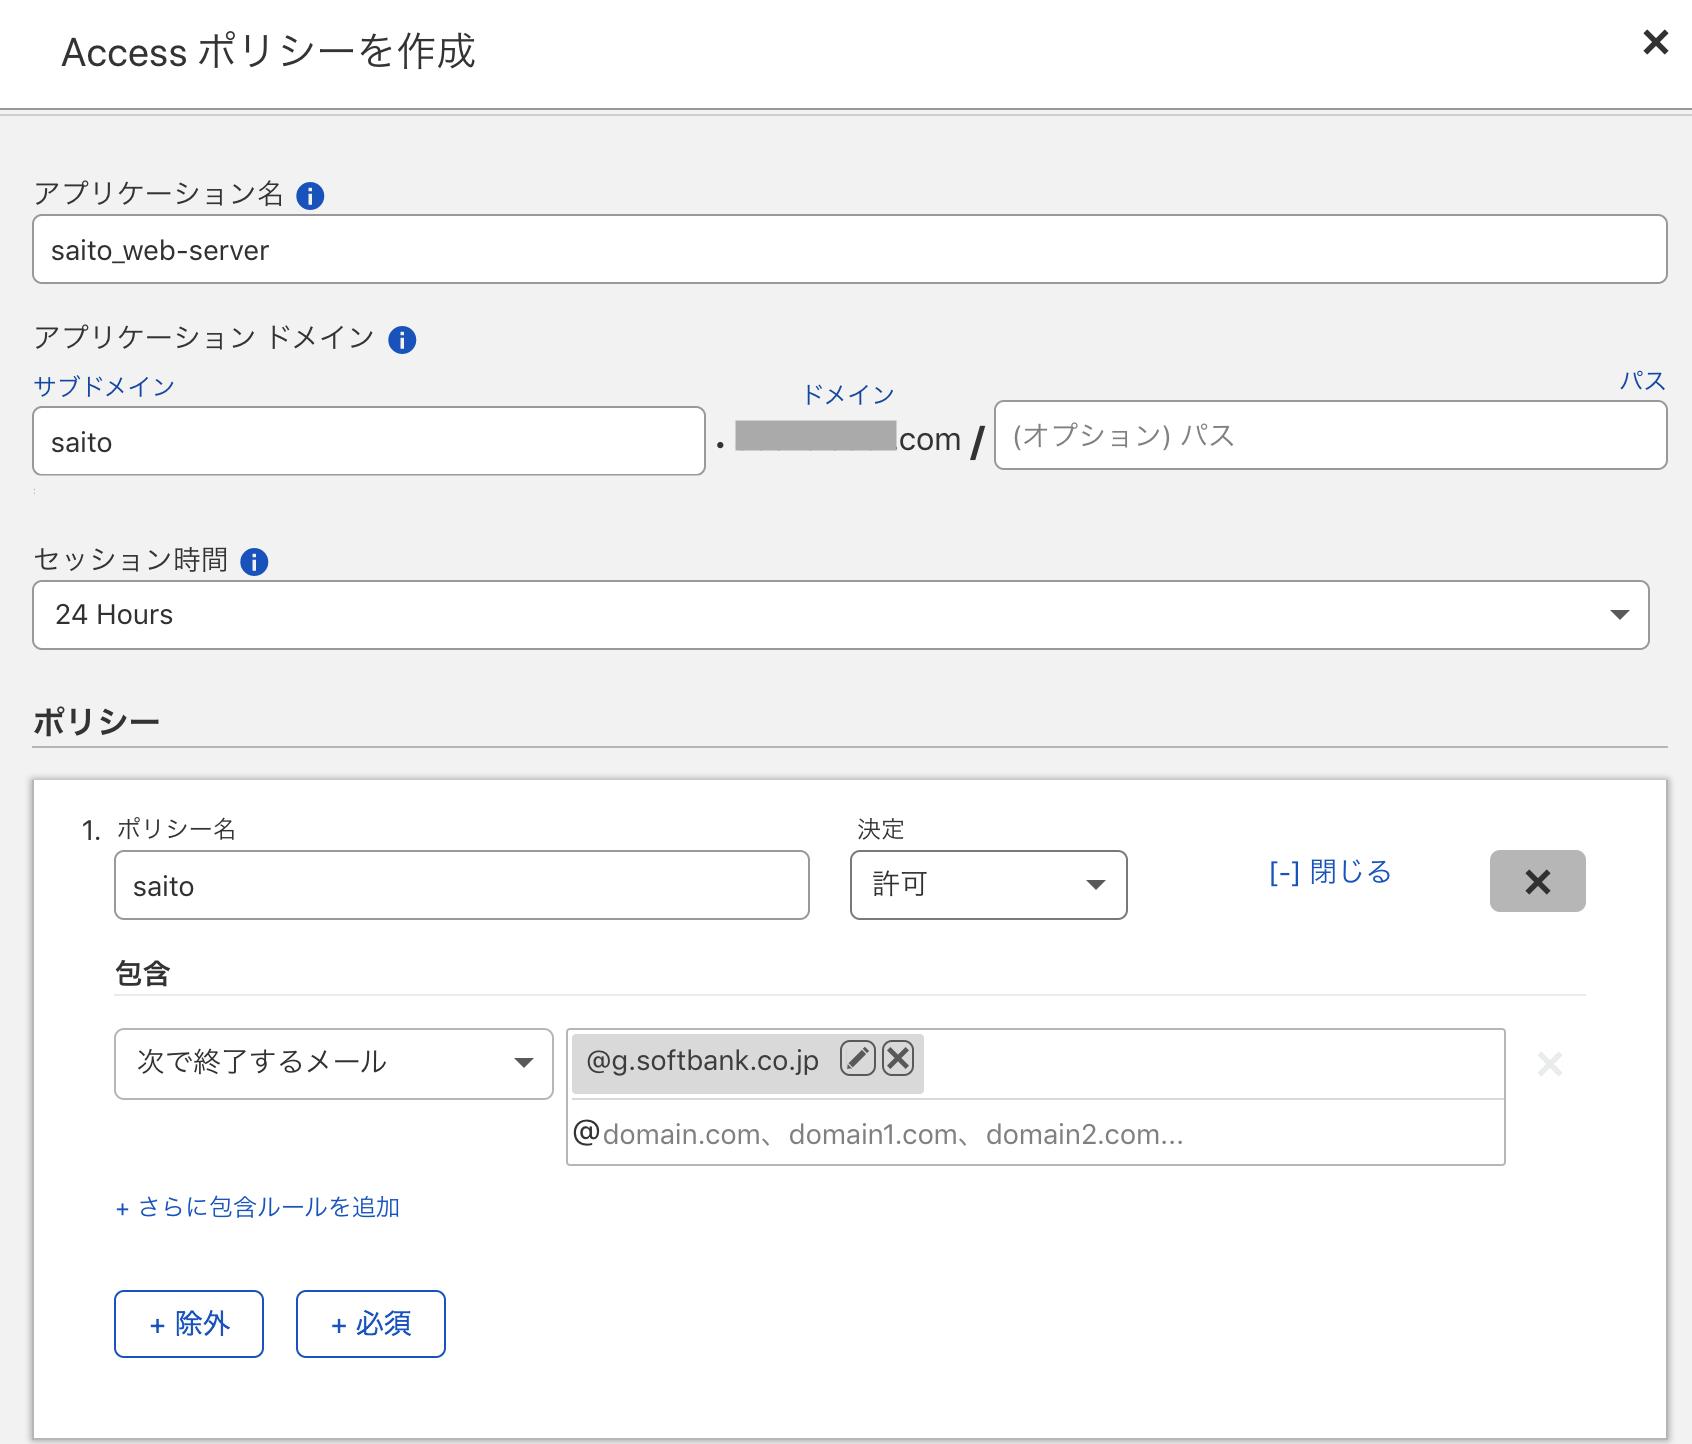 f:id:sbc_saito:20210316191547p:plain